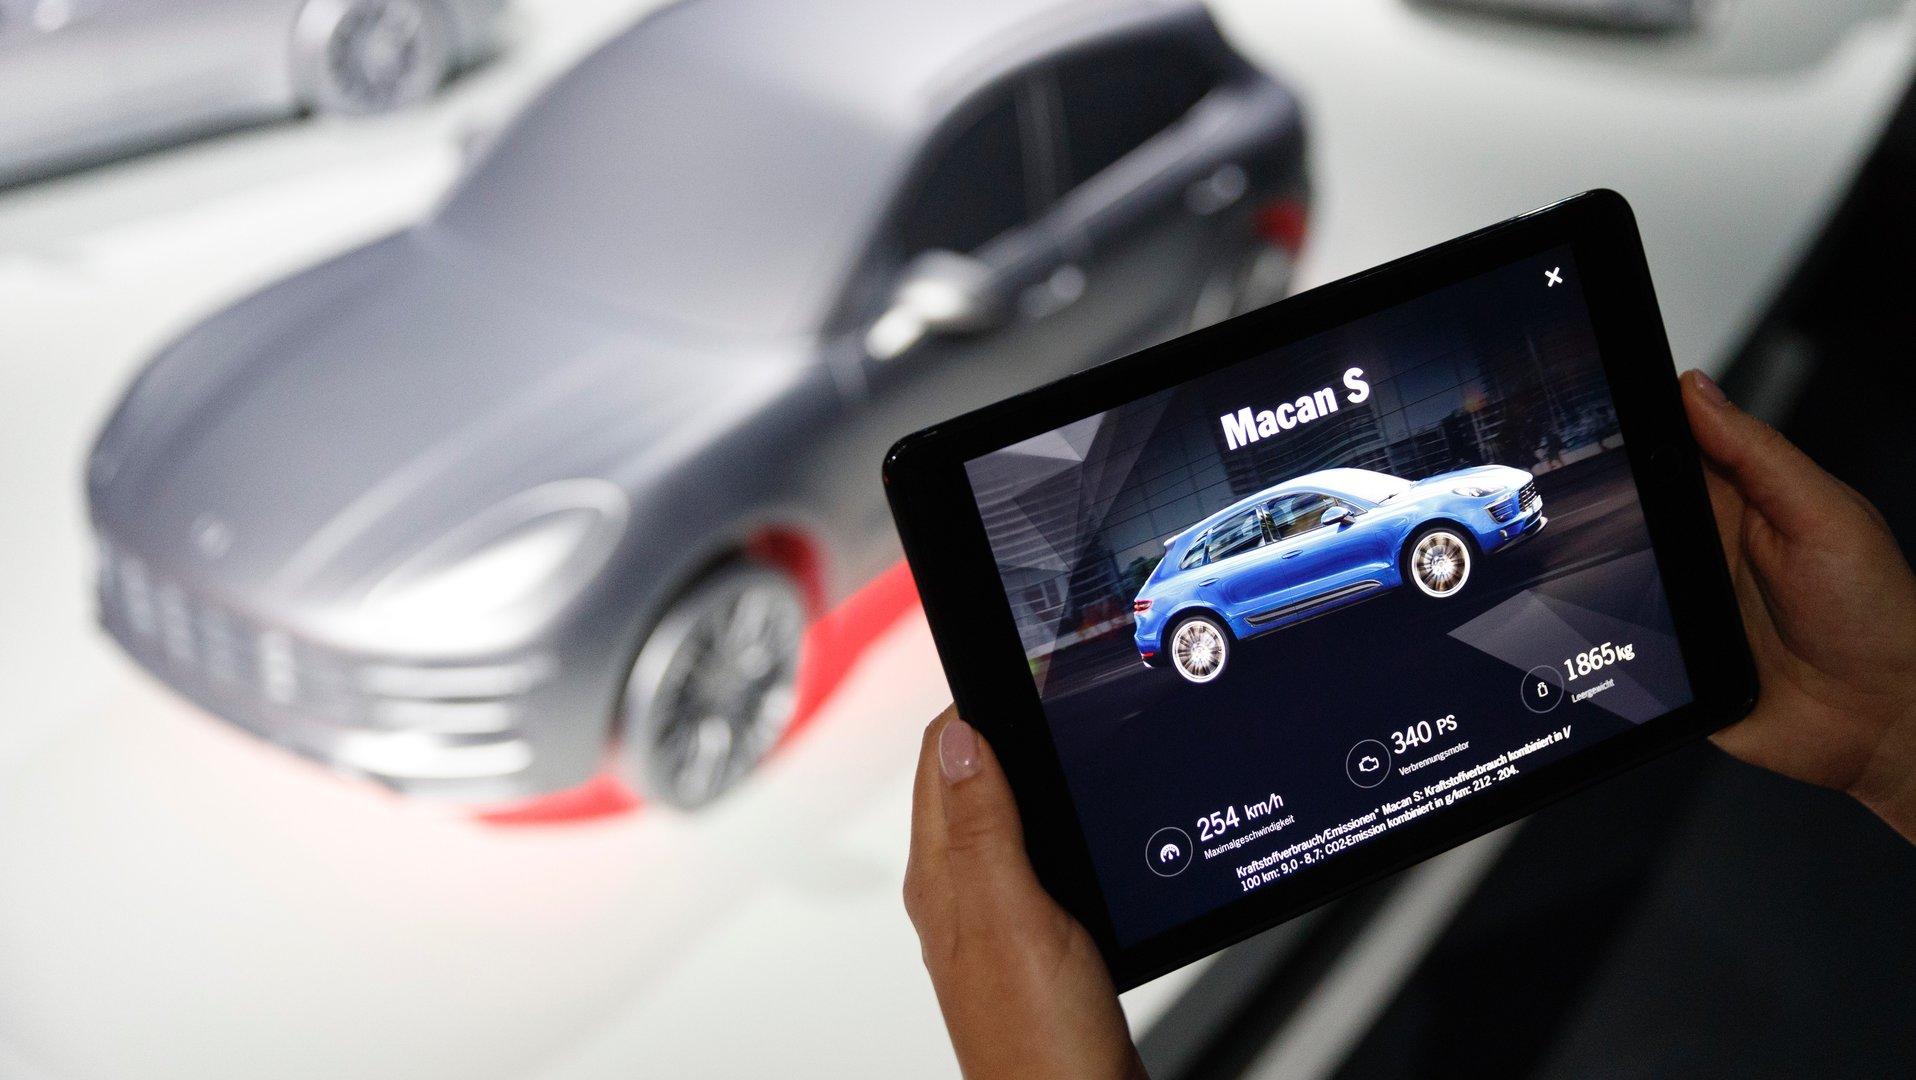 La segunda generación del Porsche Macan solo será eléctrica